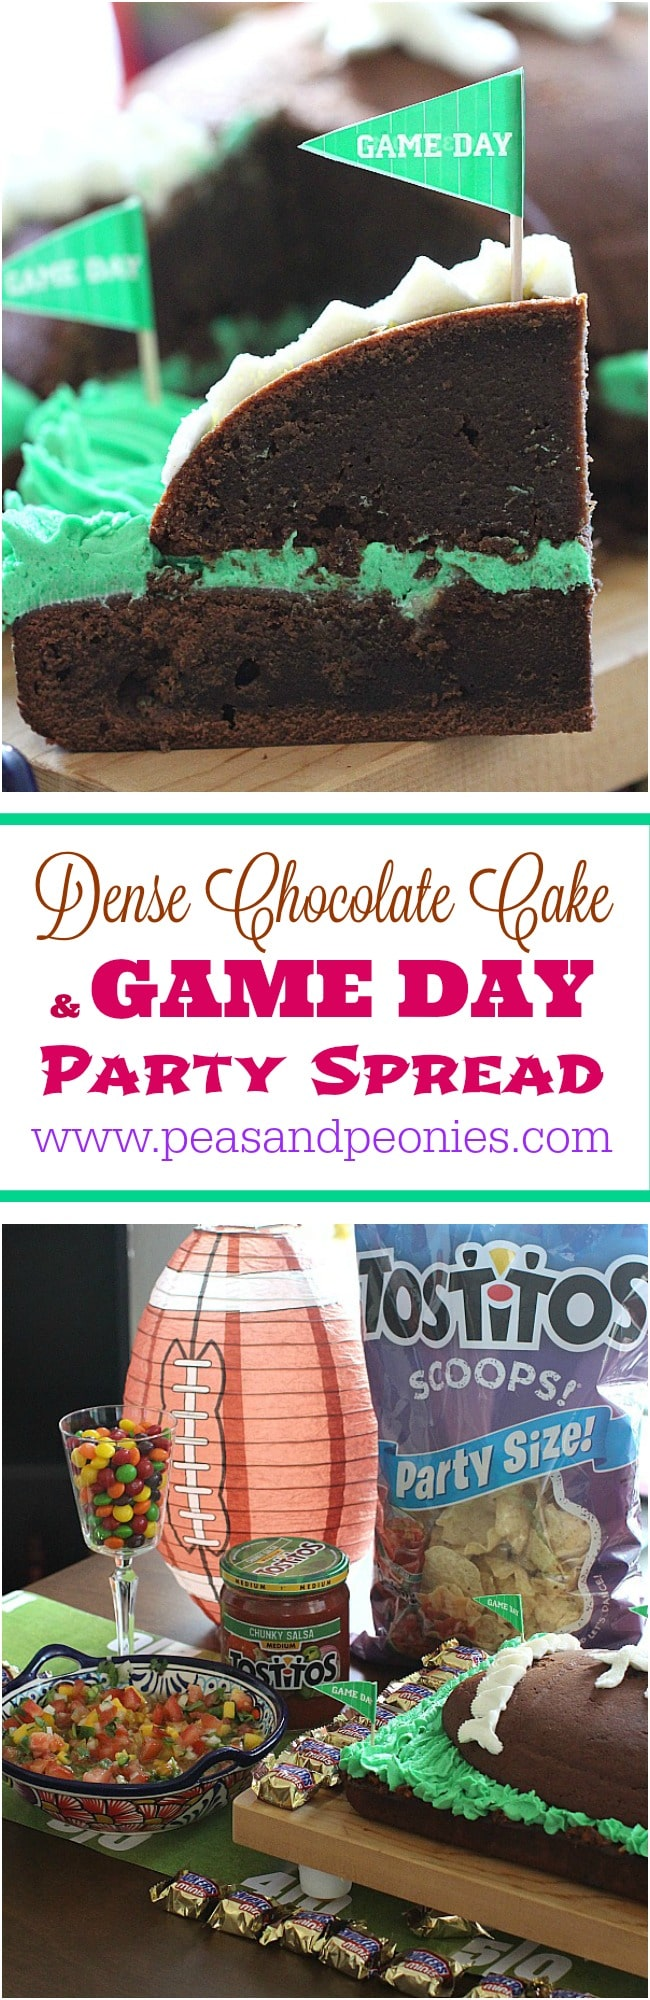 dense chocolate cake PIN Collage